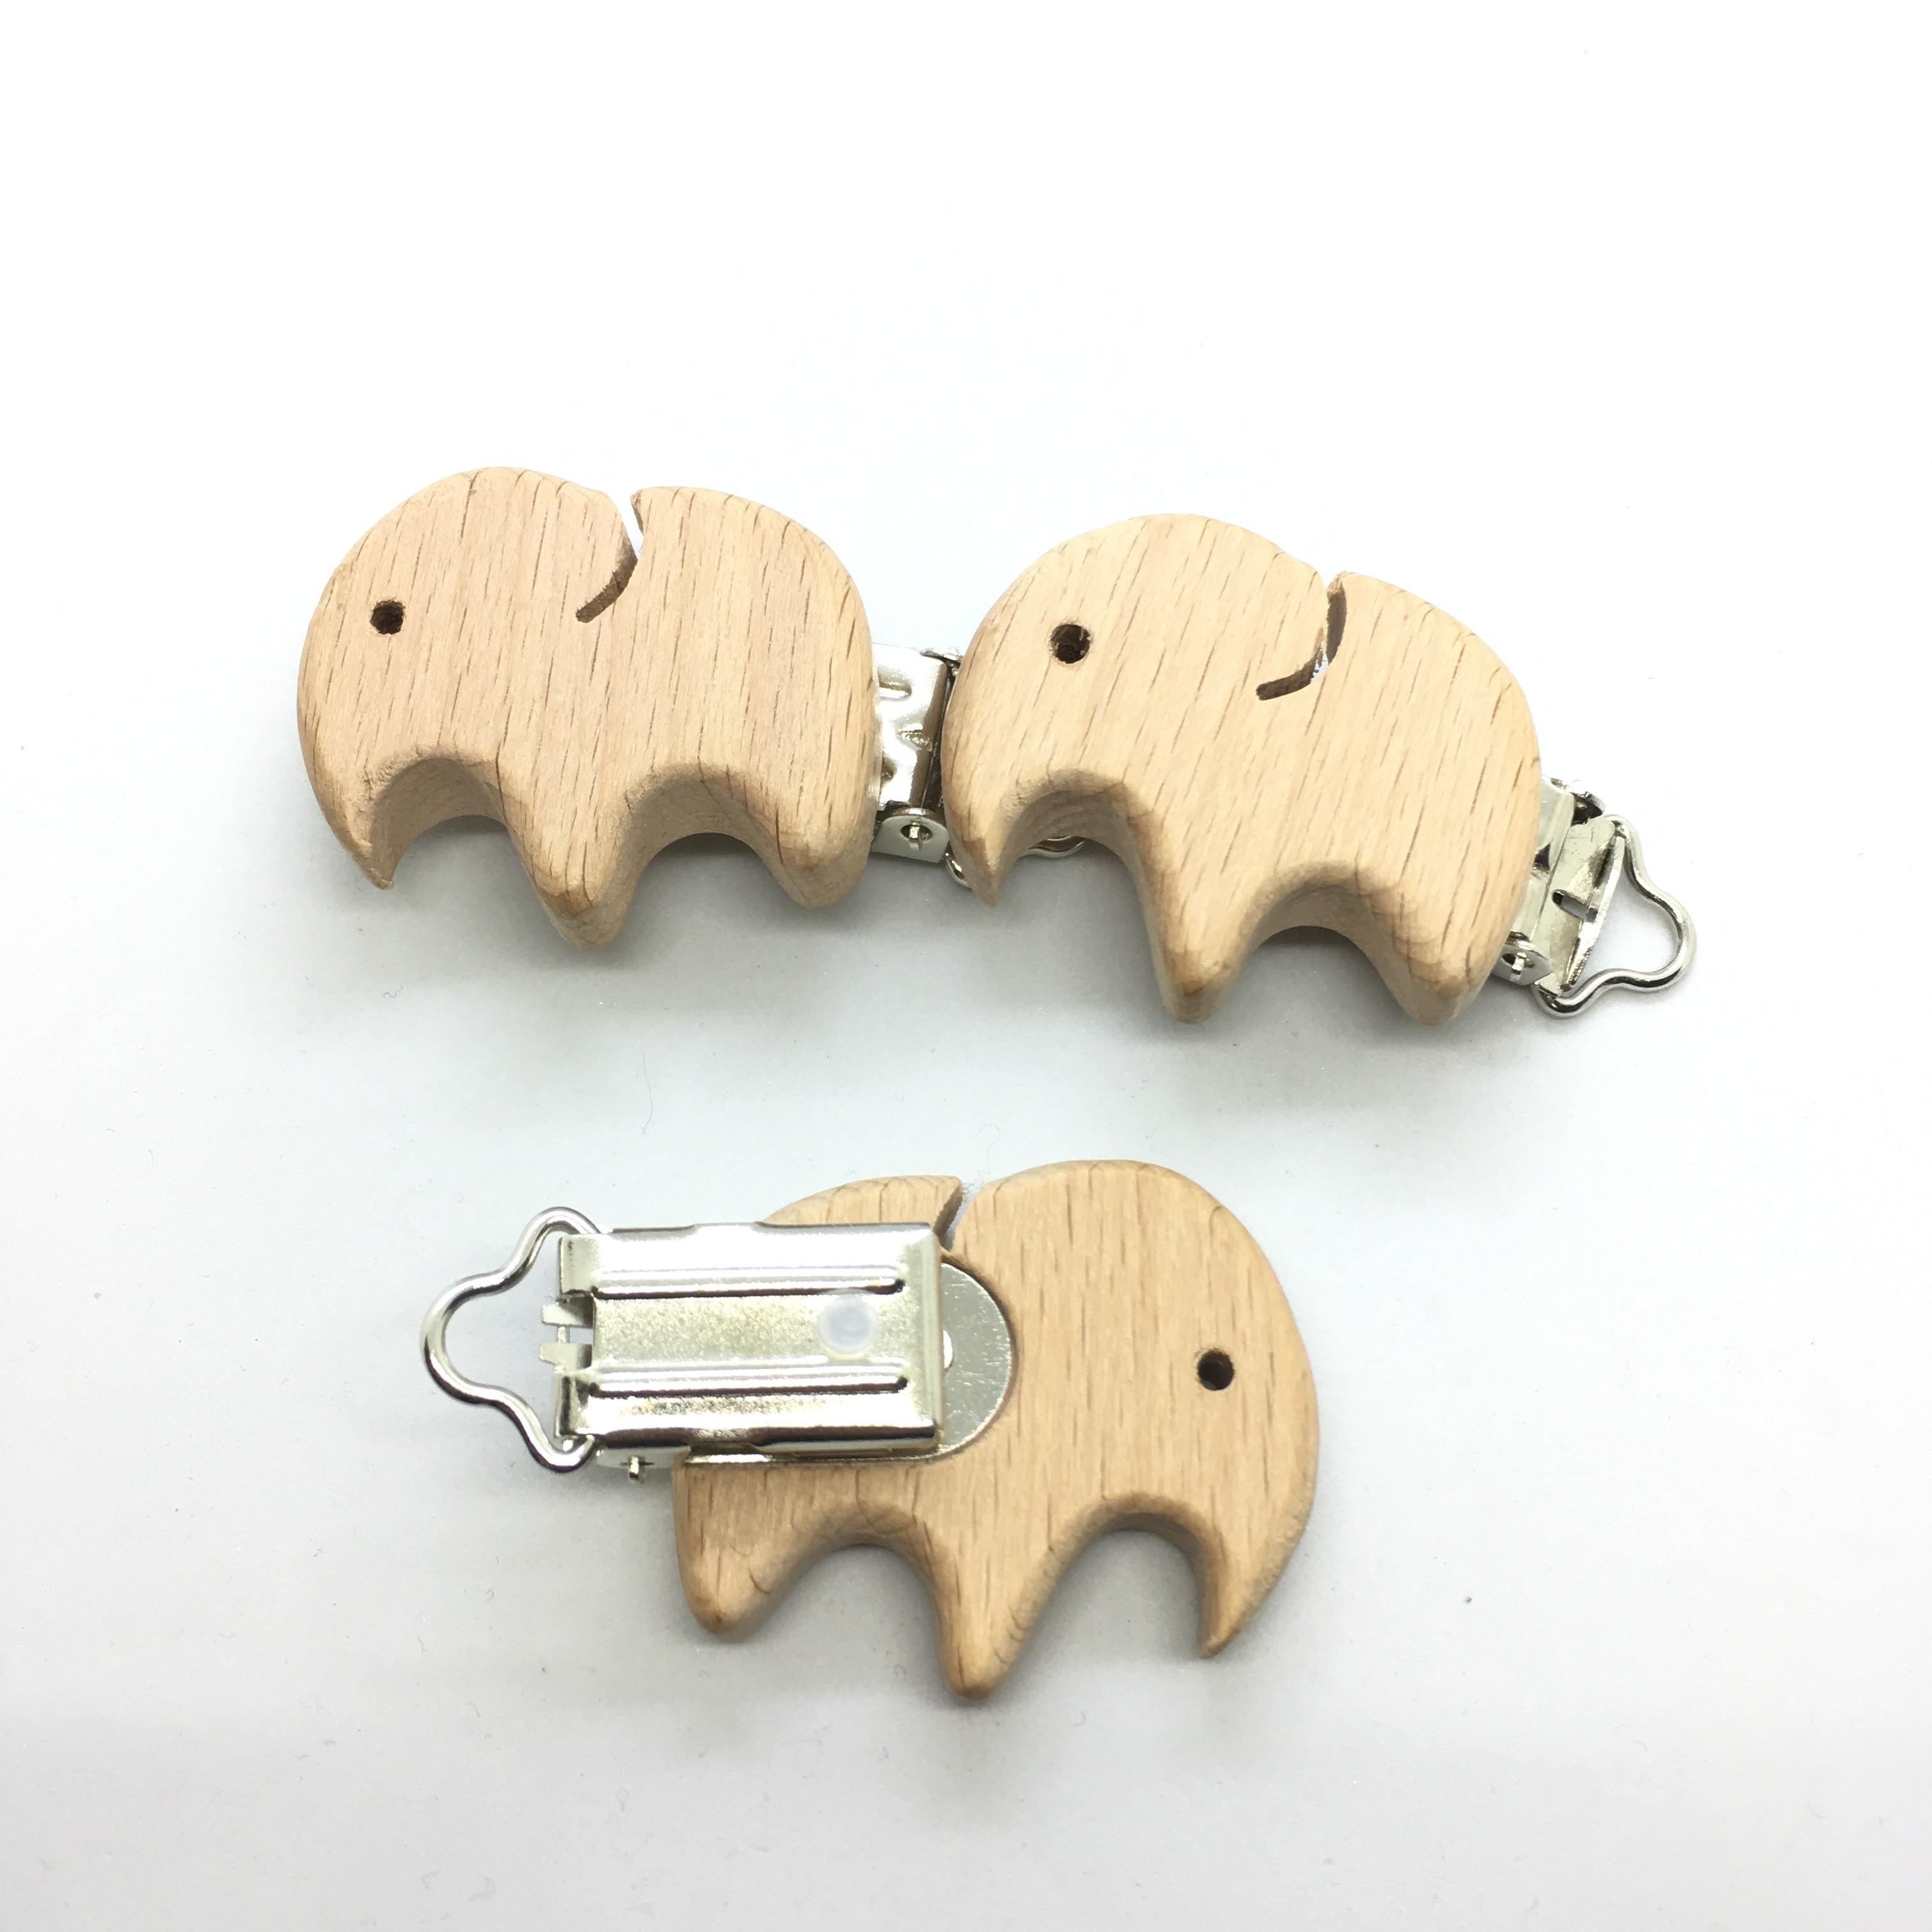 25PCS Organic Natural Newborn Beech Wooden Pacifier Clips